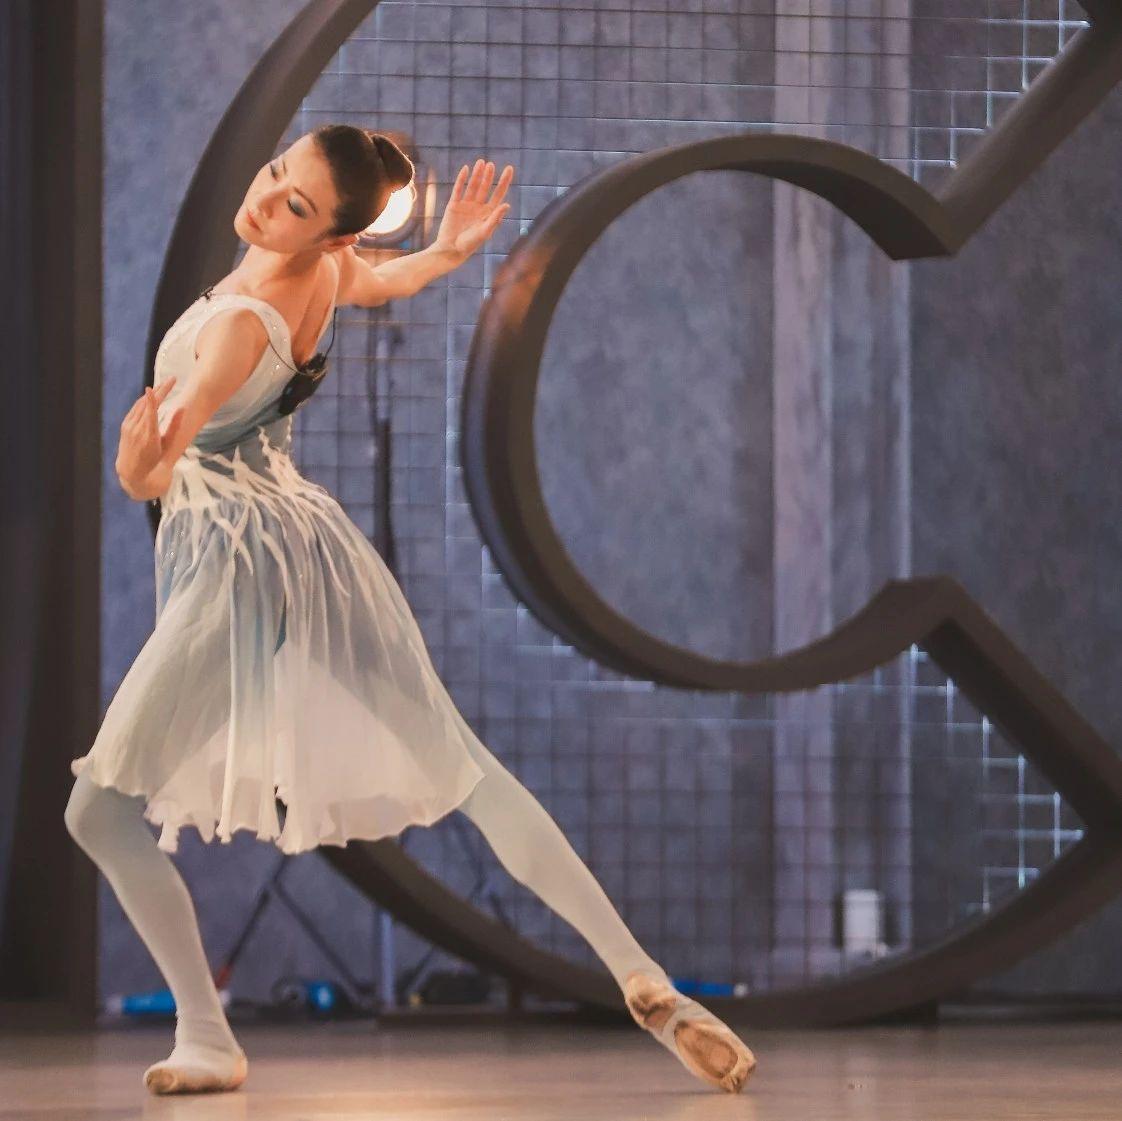 舞者谭元元:我选择了芭蕾,芭蕾也选择了我